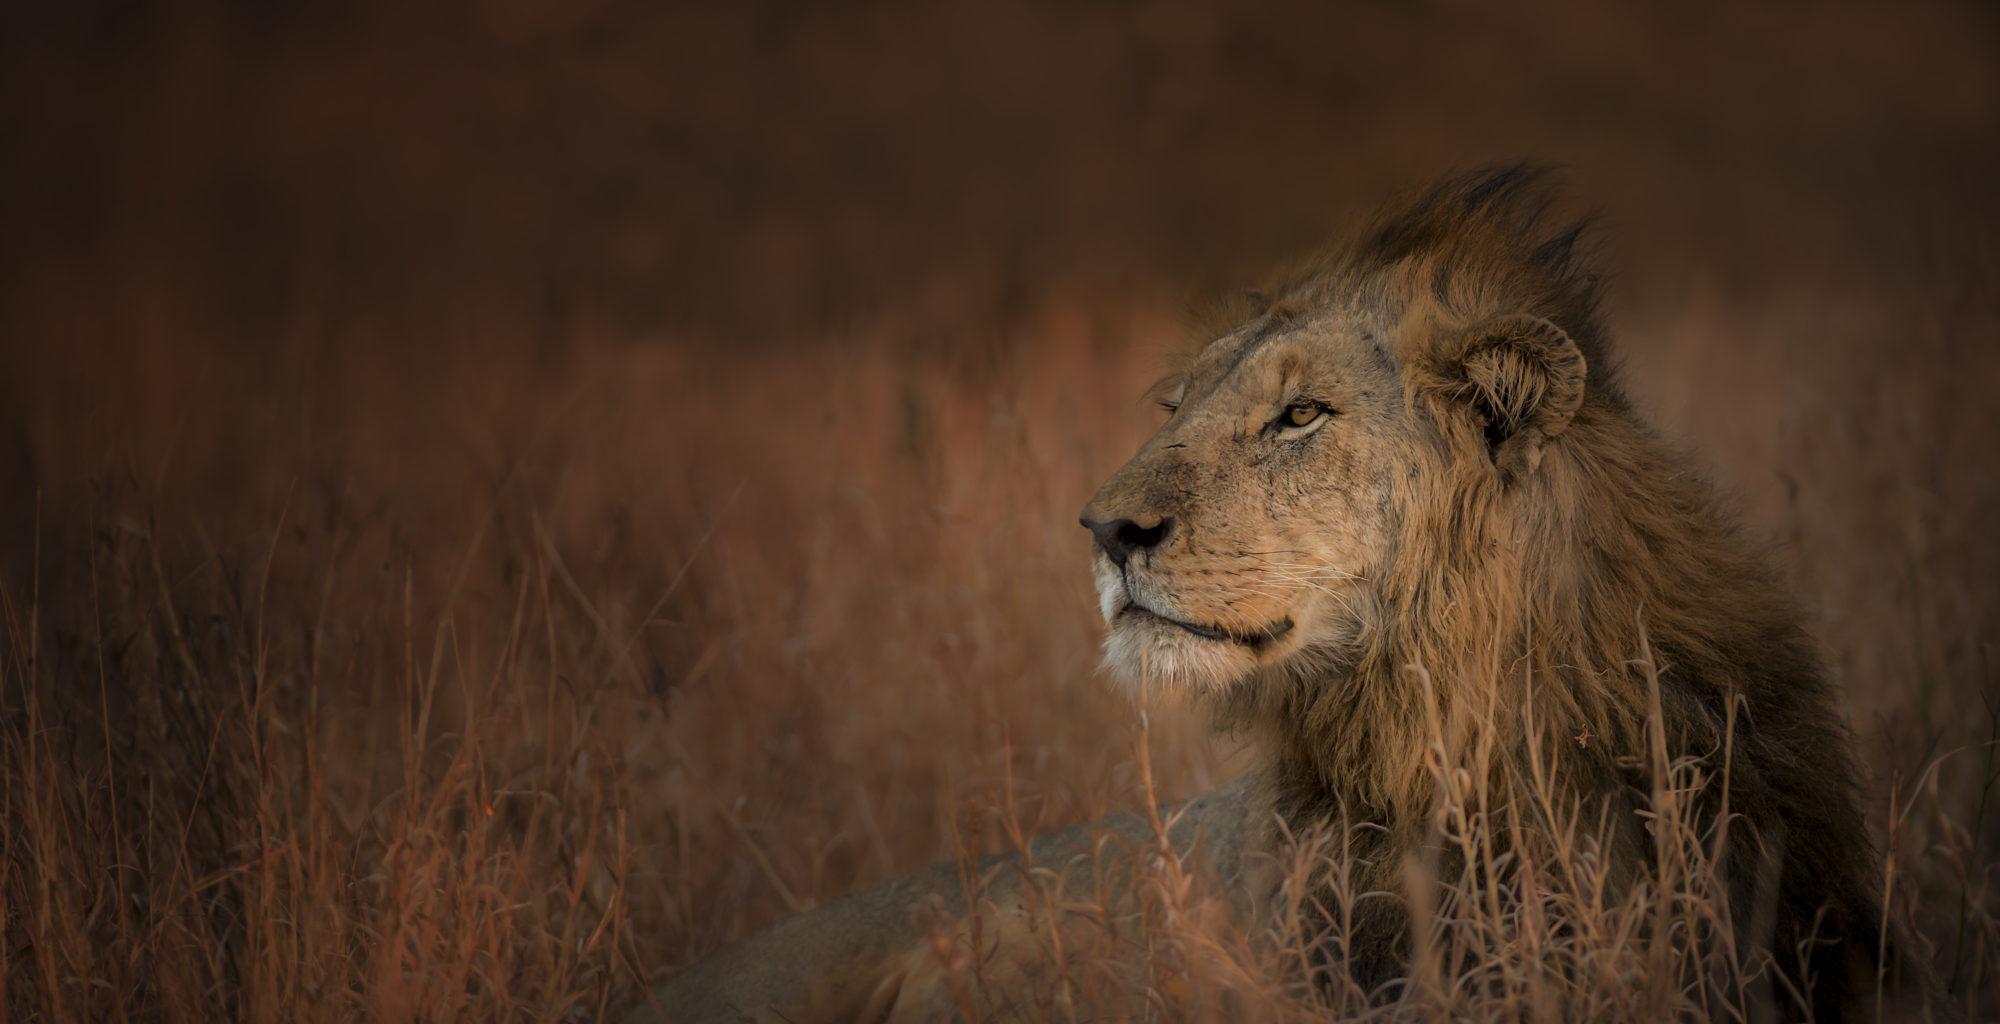 Singita National Park lion